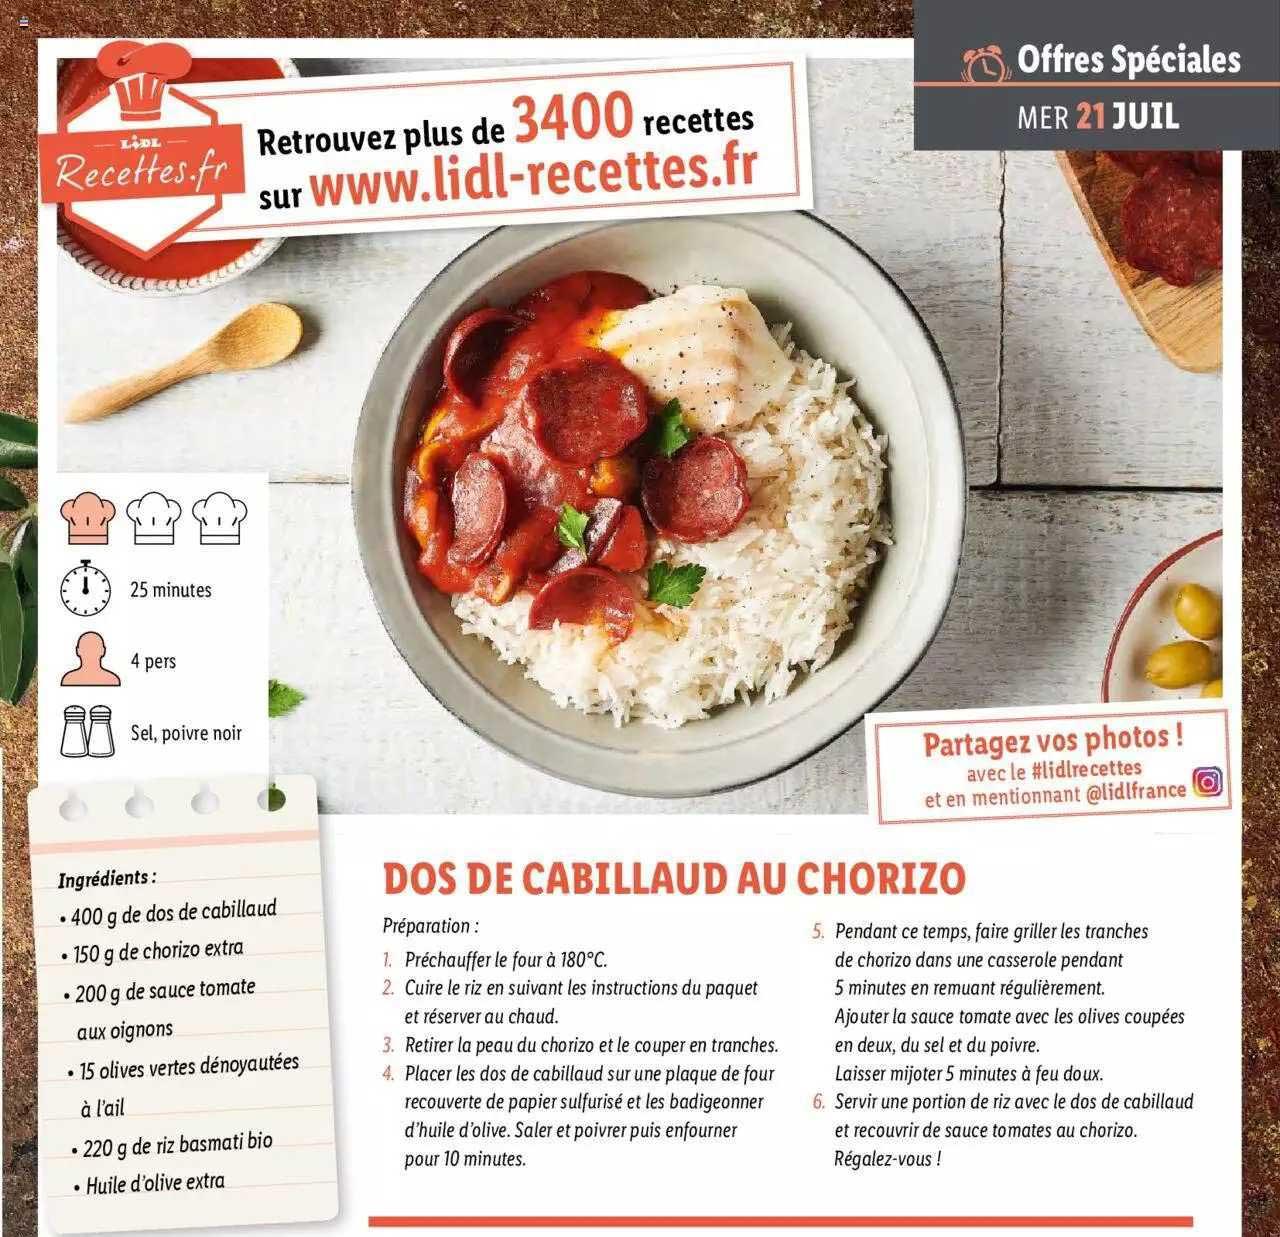 Lidl Dos De Cabillaud Au Chorizo